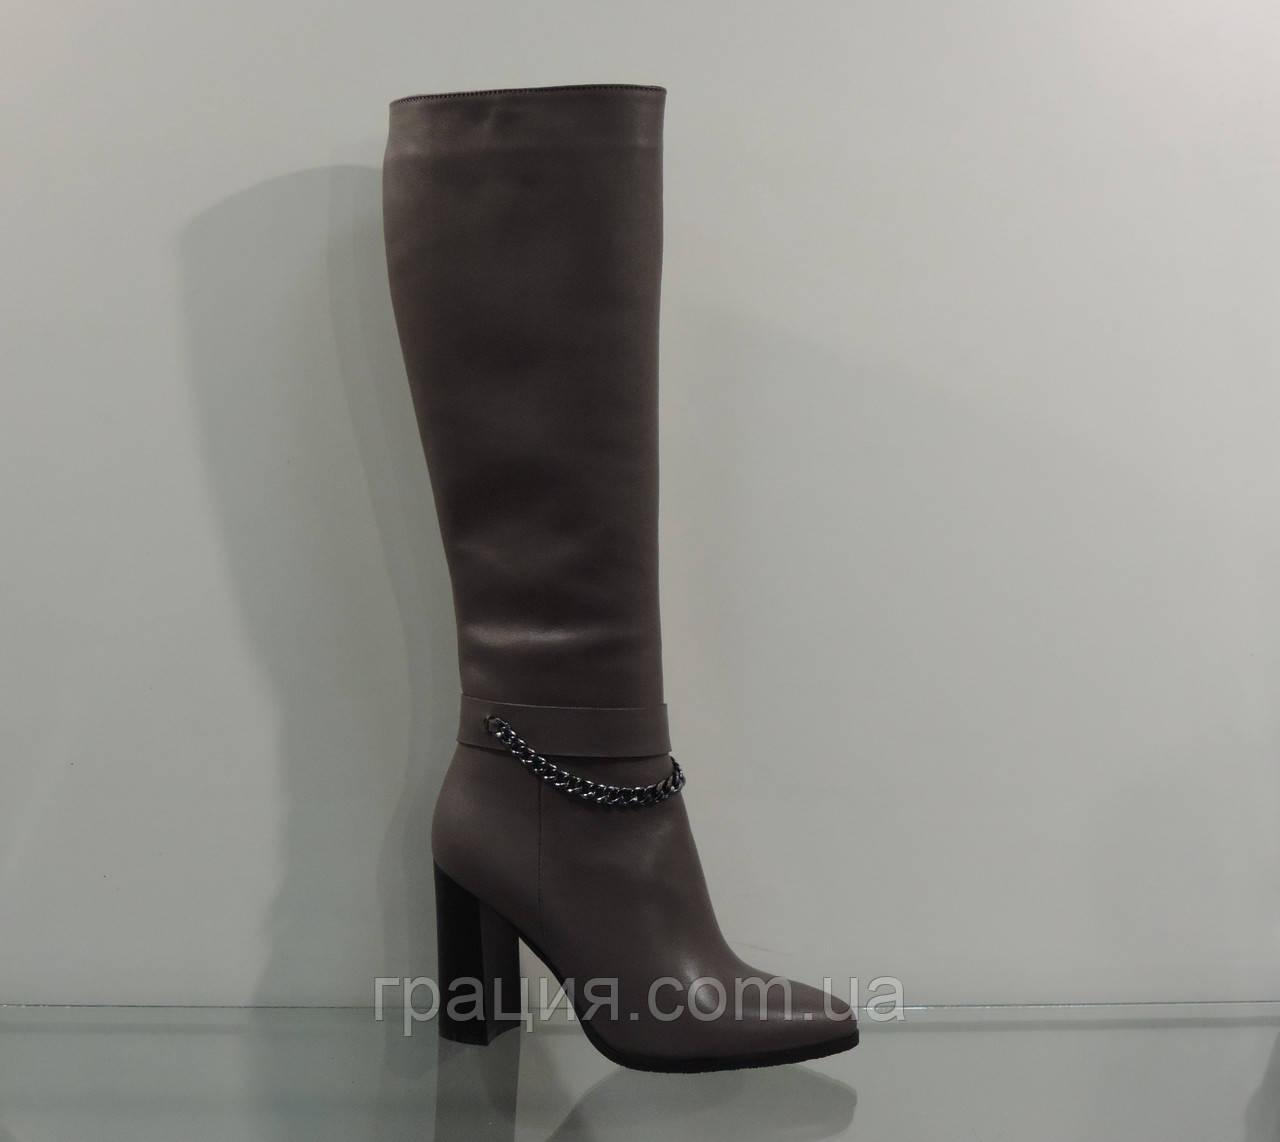 Элегантные женские кожаные зимние сапоги на каблуке с цепочкой - Грація в  Конотопе 42f43d7de7f10